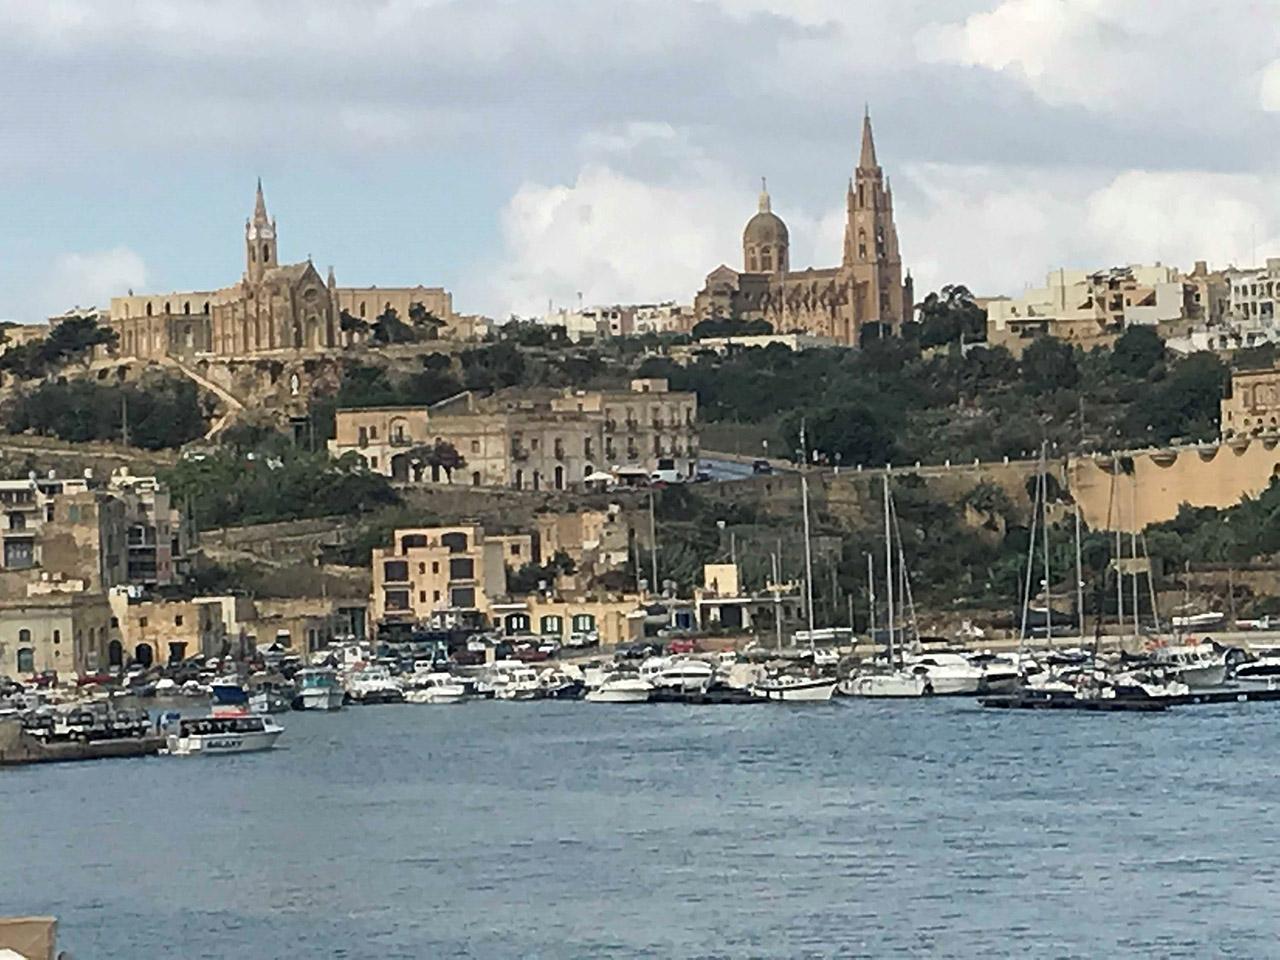 Wide shot of harbor in Gozo